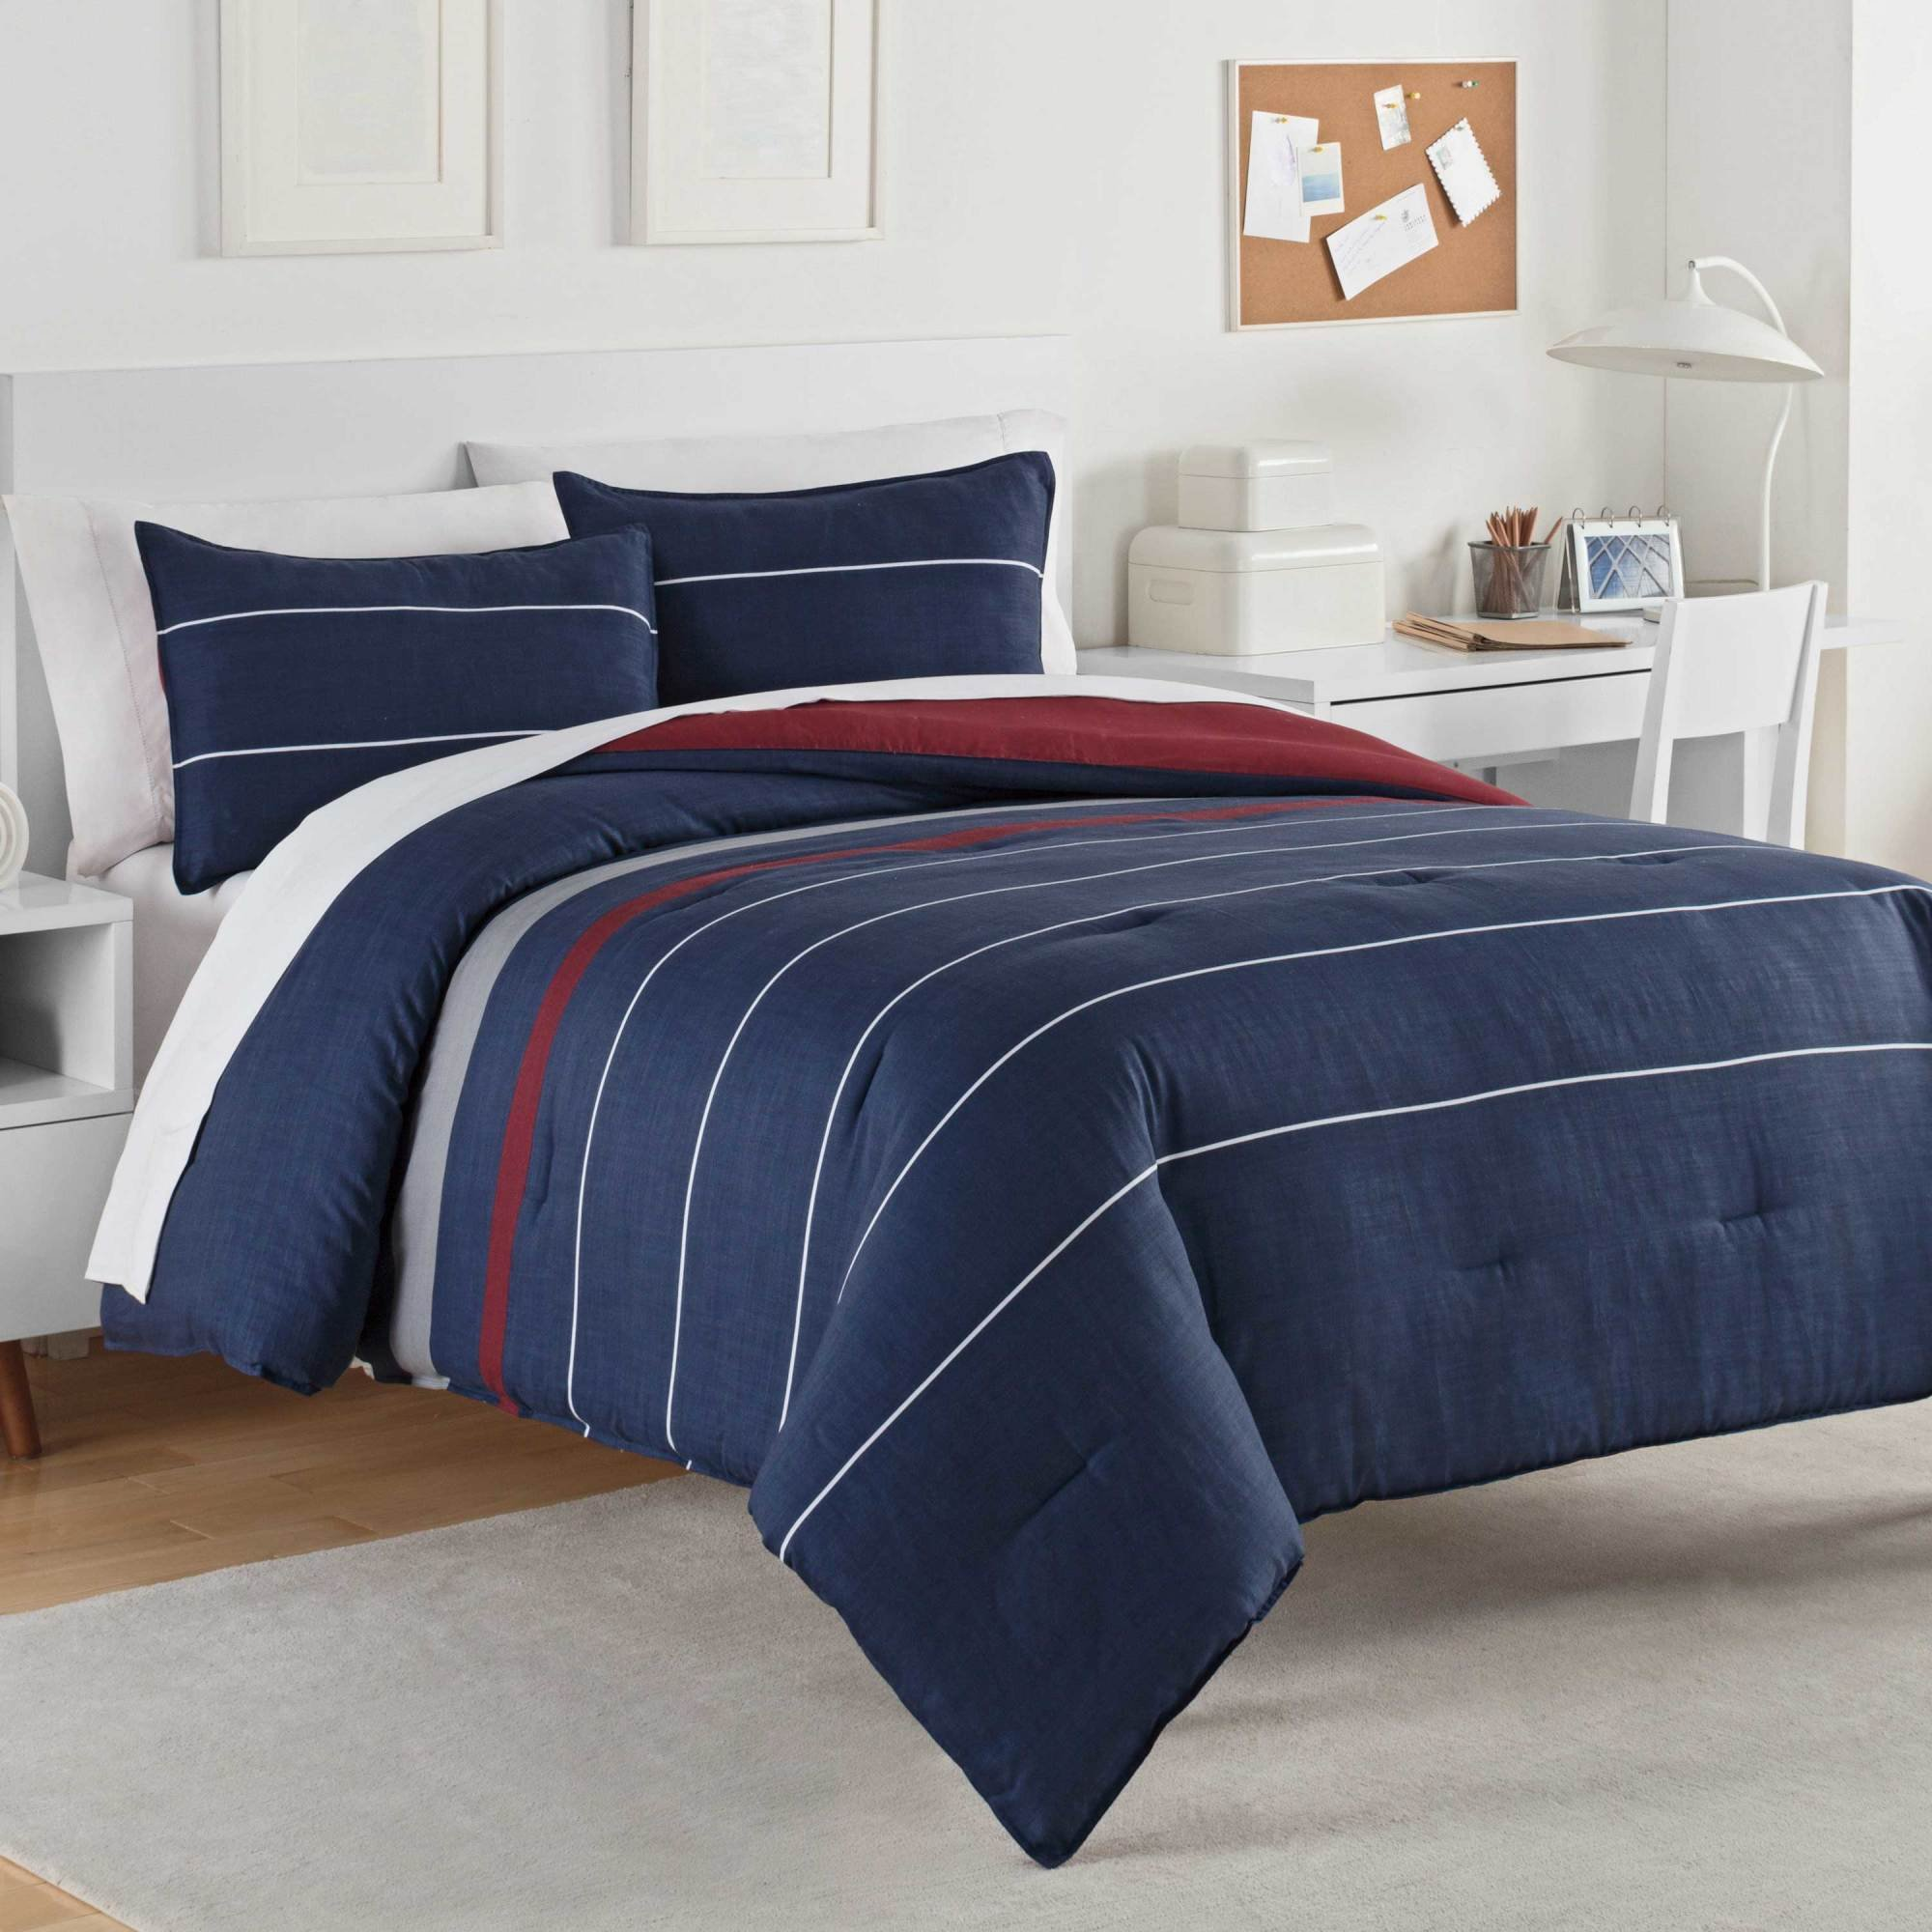 IZOD Jackson Comforter Set, Full/Queen, Blue